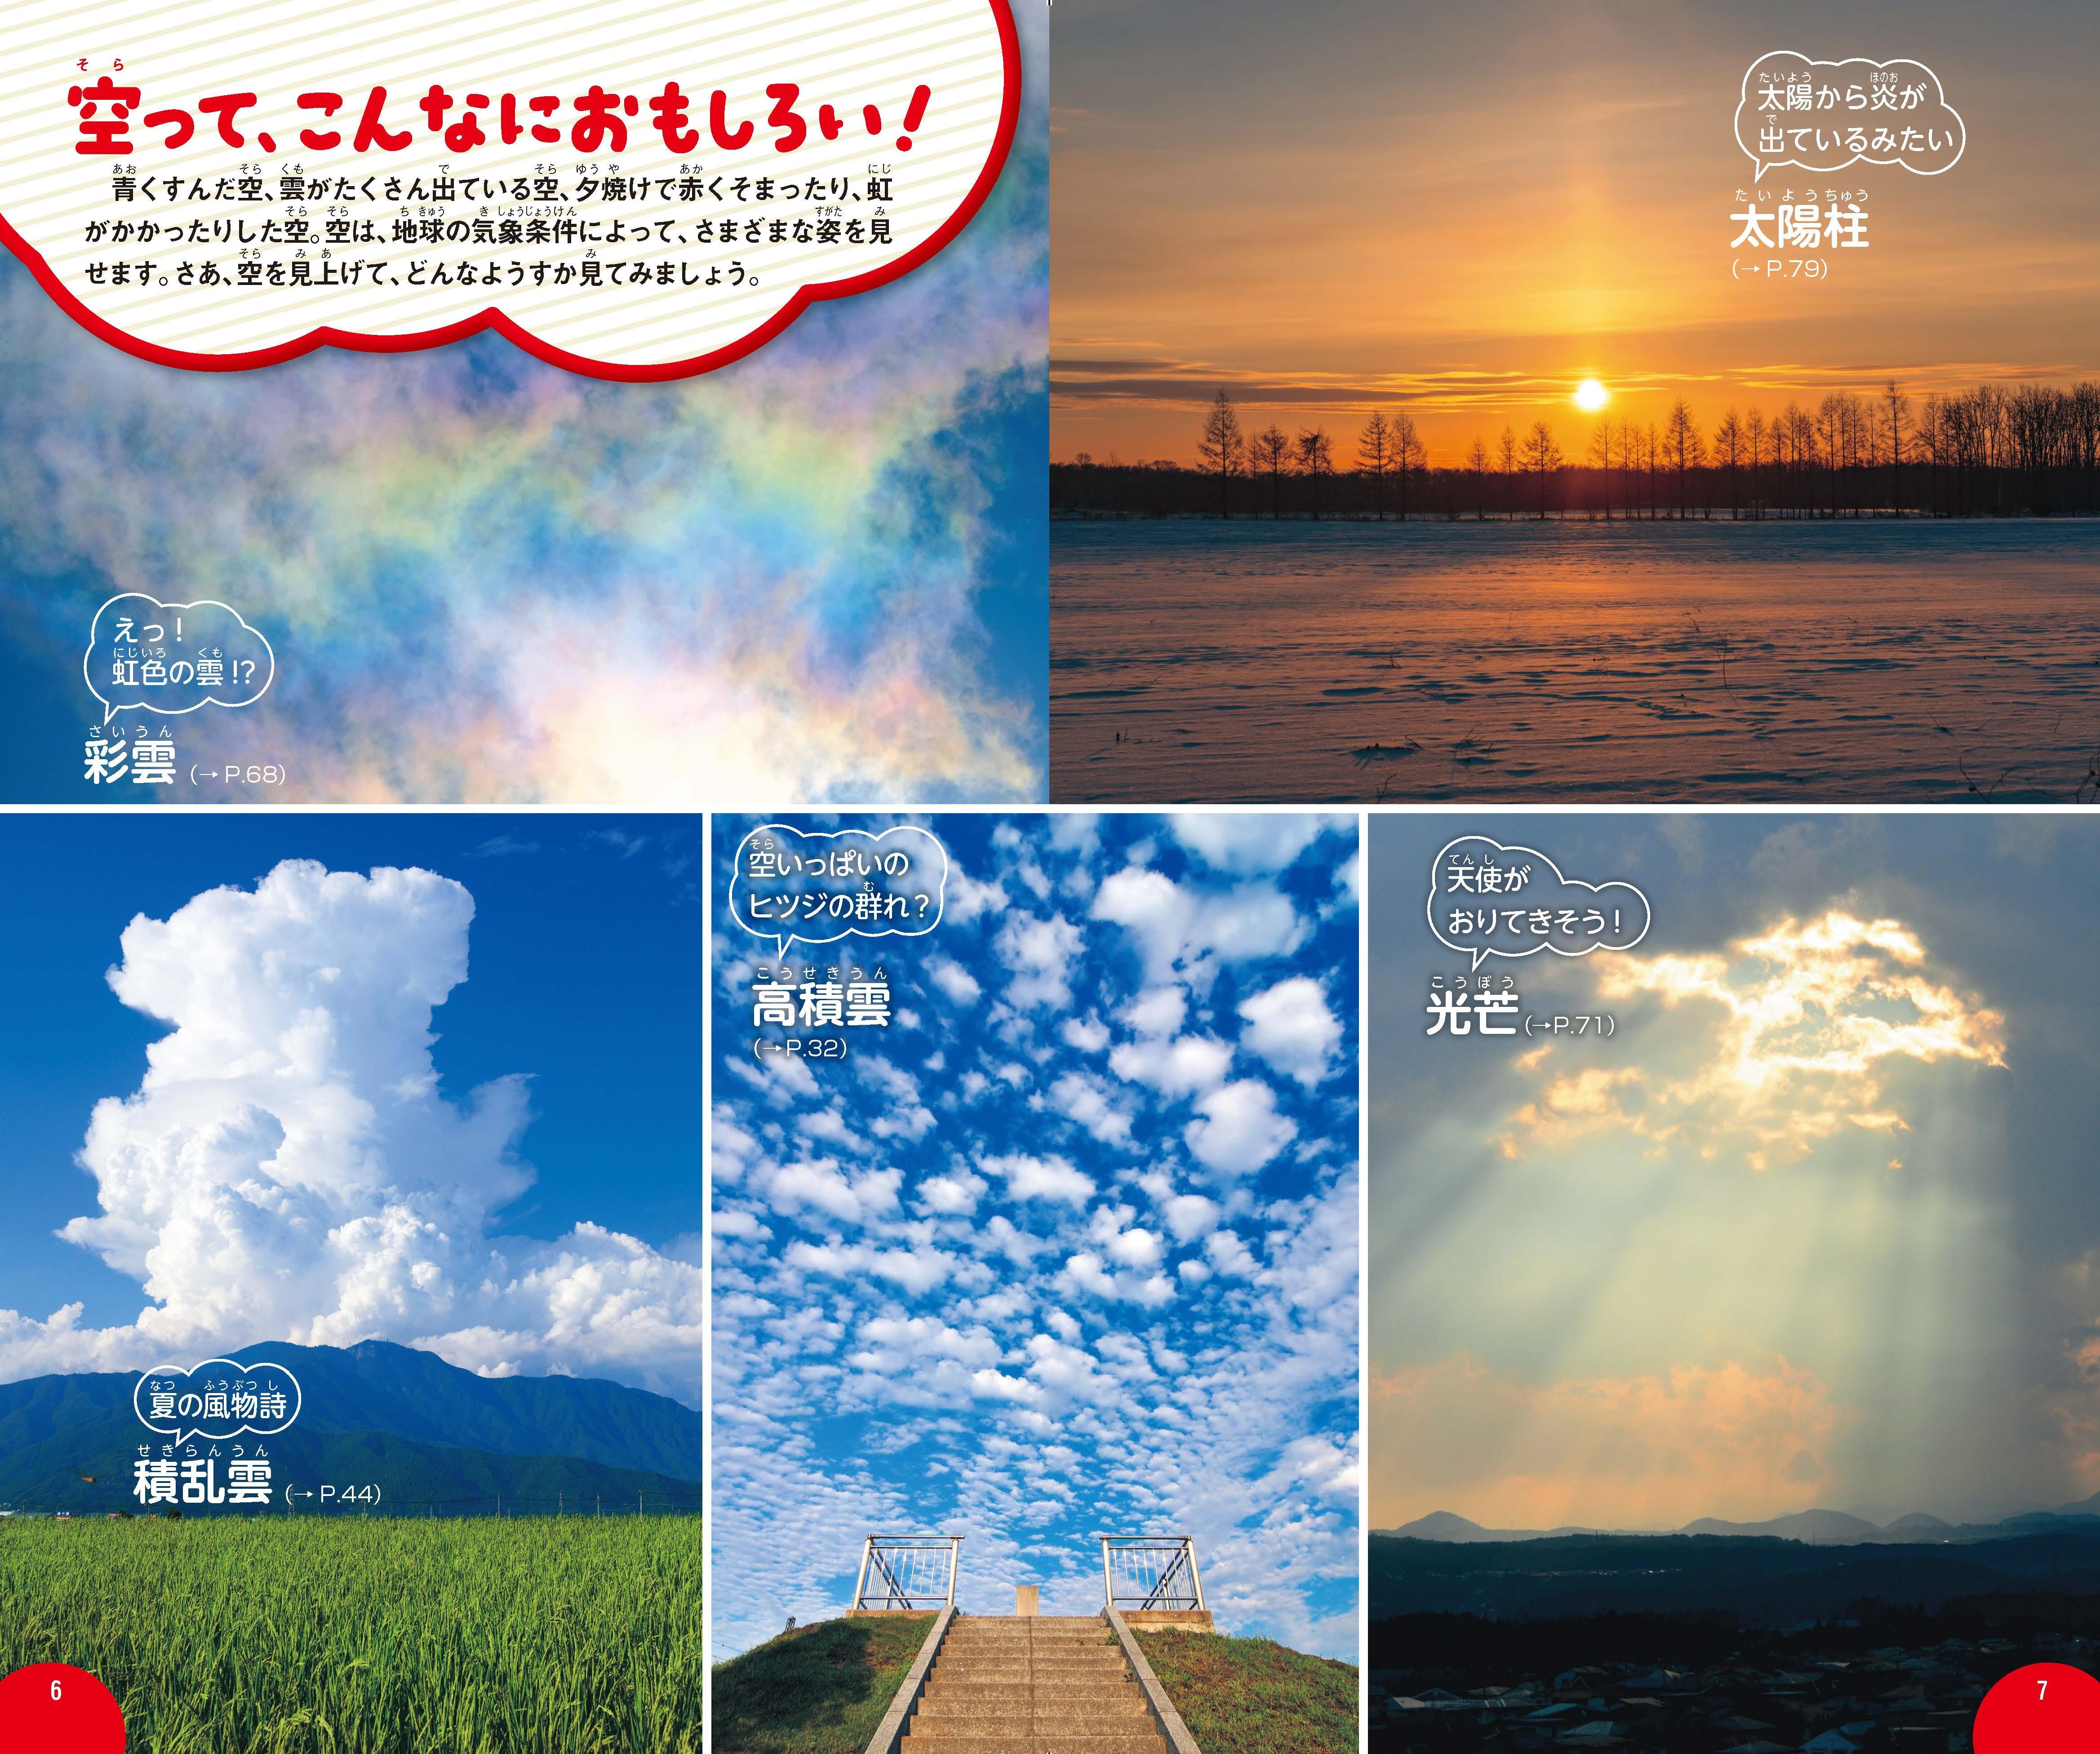 「息をのむほど美しい 気象現象もたっぷり紹介」紙面